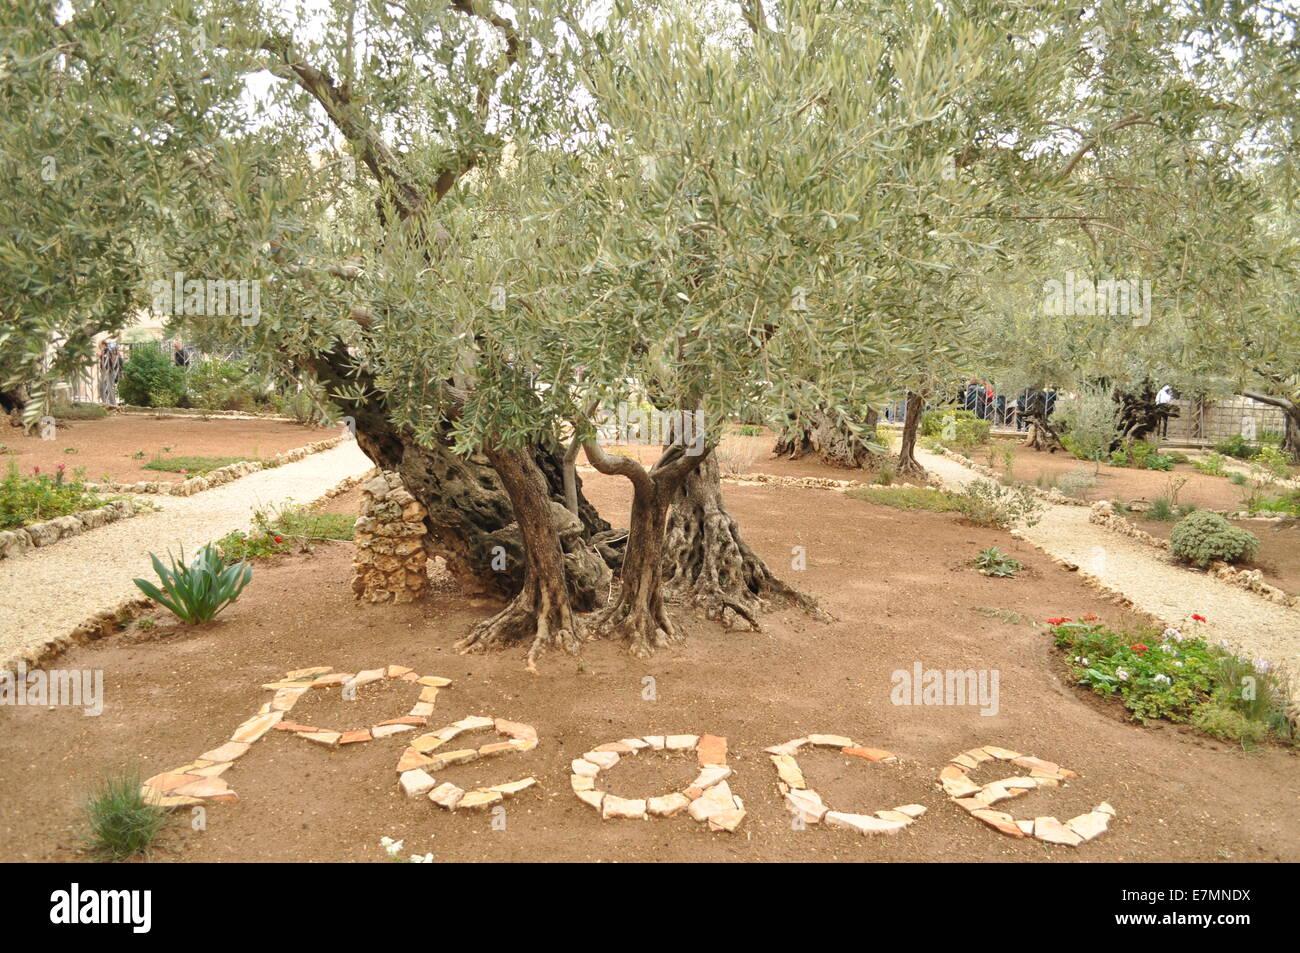 The Garden Of Gethsemane Peace Olive Tree Jerusalem Stock Photo Royalty Free Image 73599958